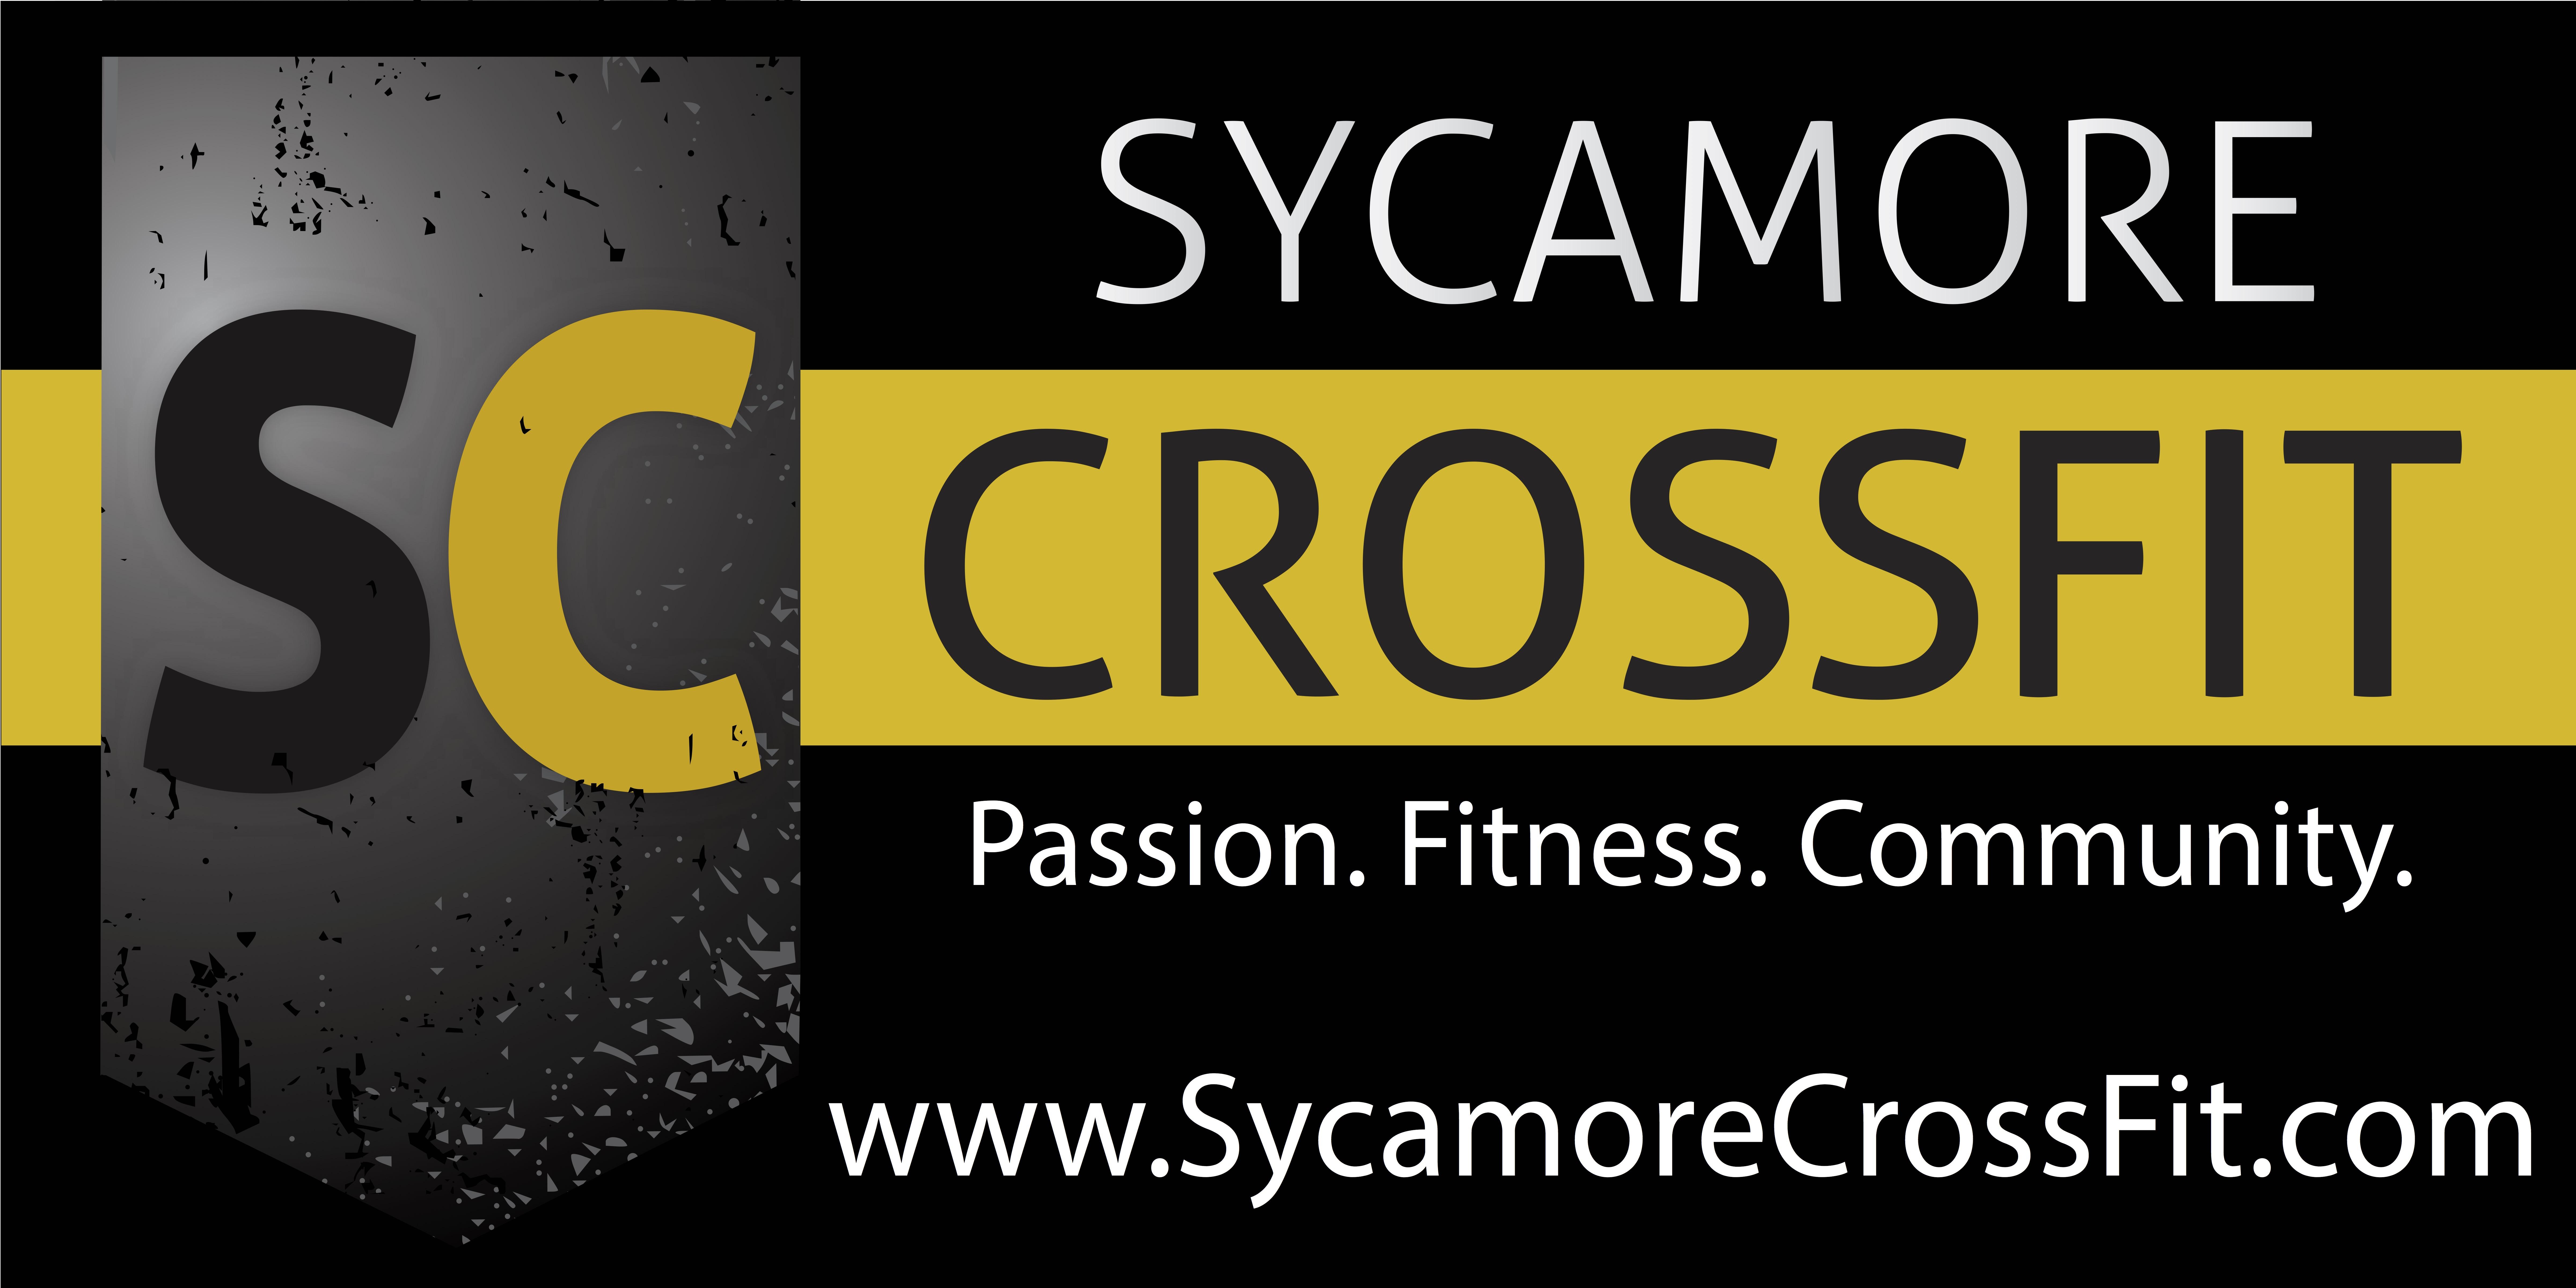 Sycamore CrossFit logo